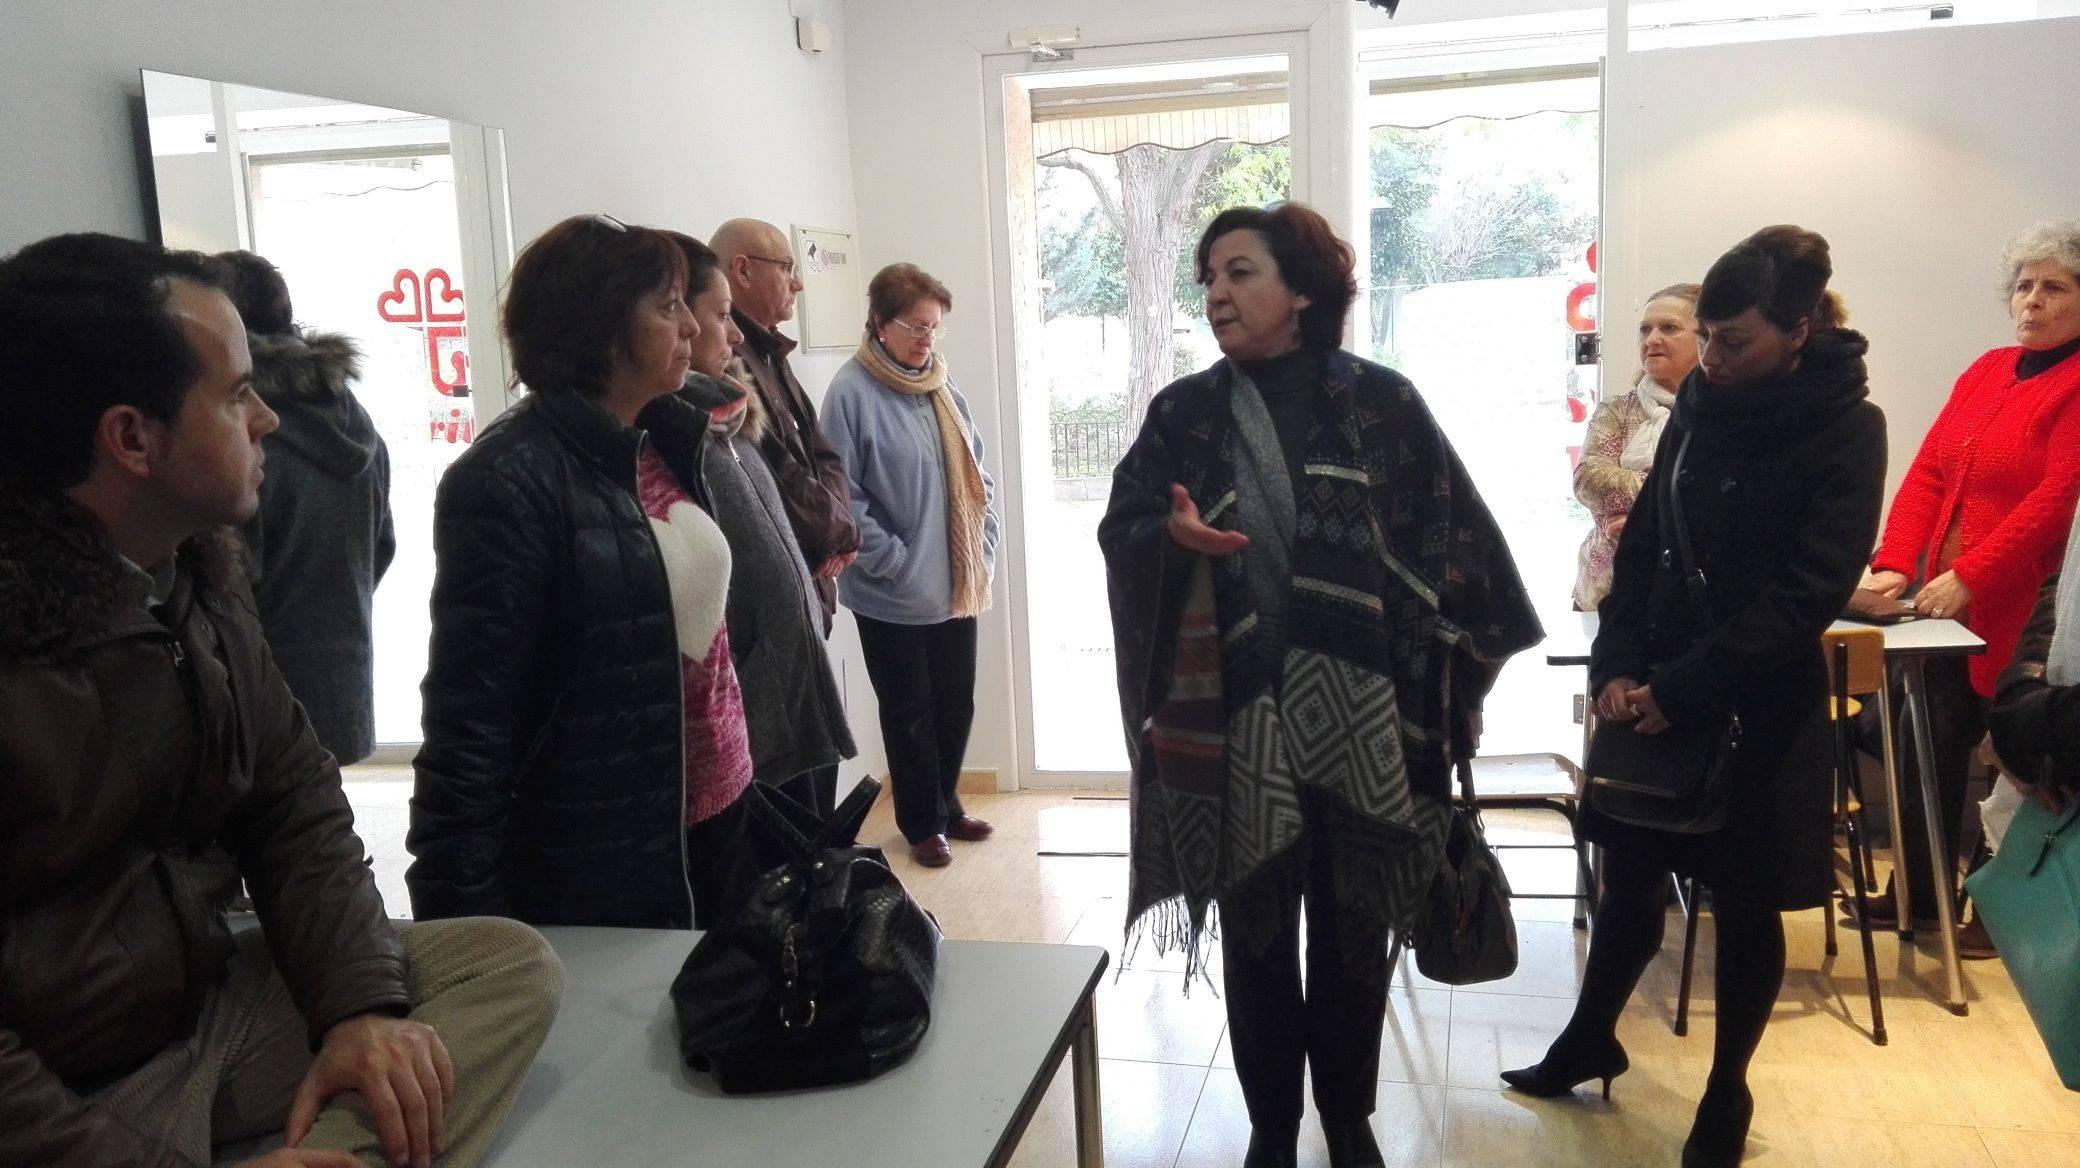 visita al nuevo ropero de caritas herencia - Cáritas presenta su nuevo proyecto de ropero solidario